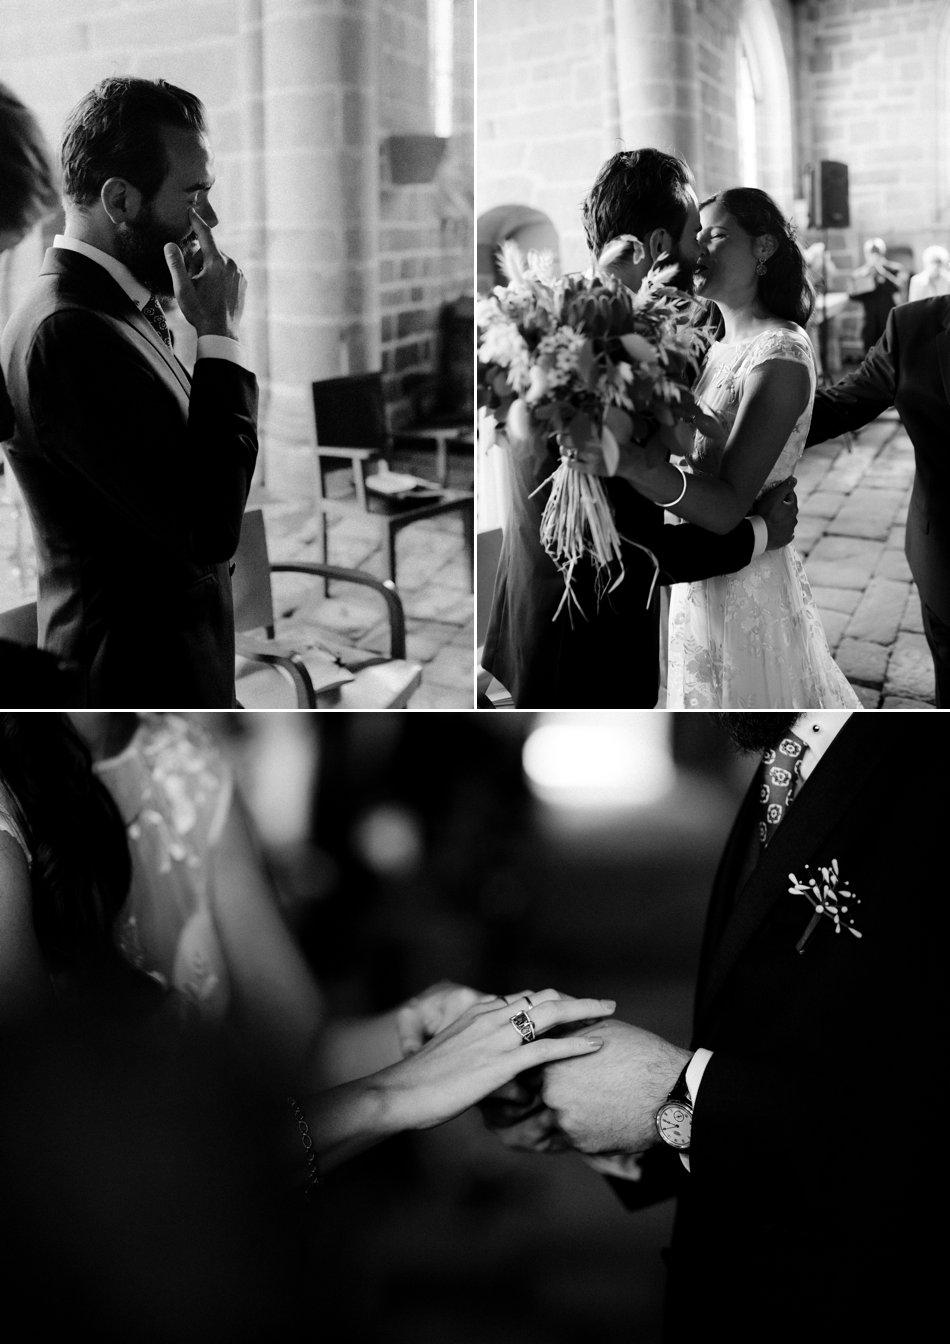 echange des voeux mariage bretagne